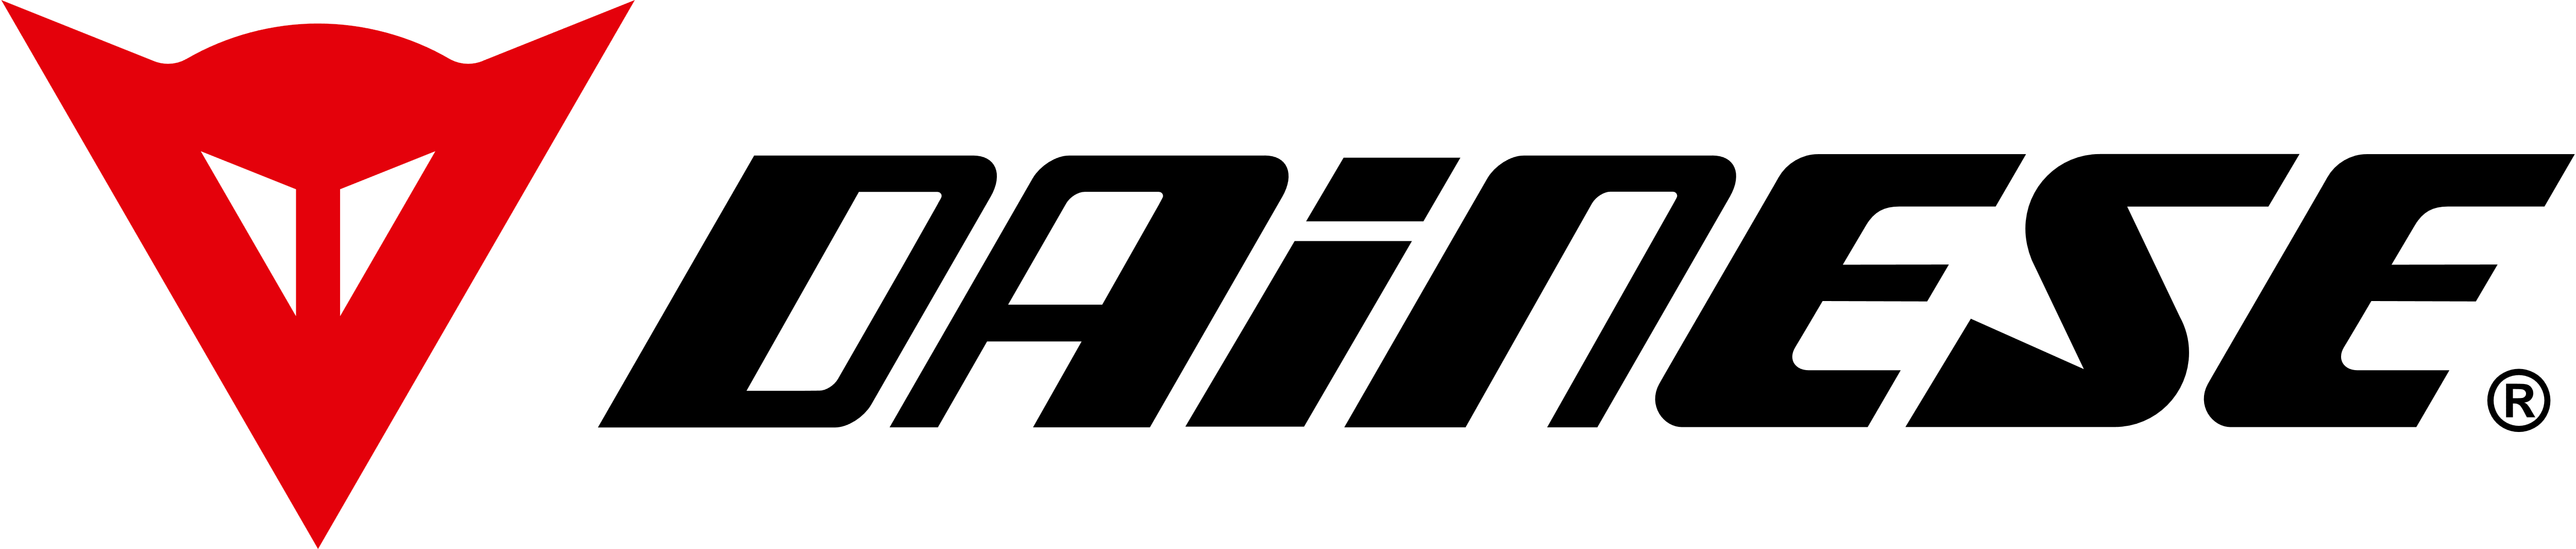 Resultado de imagem para Dainese logo